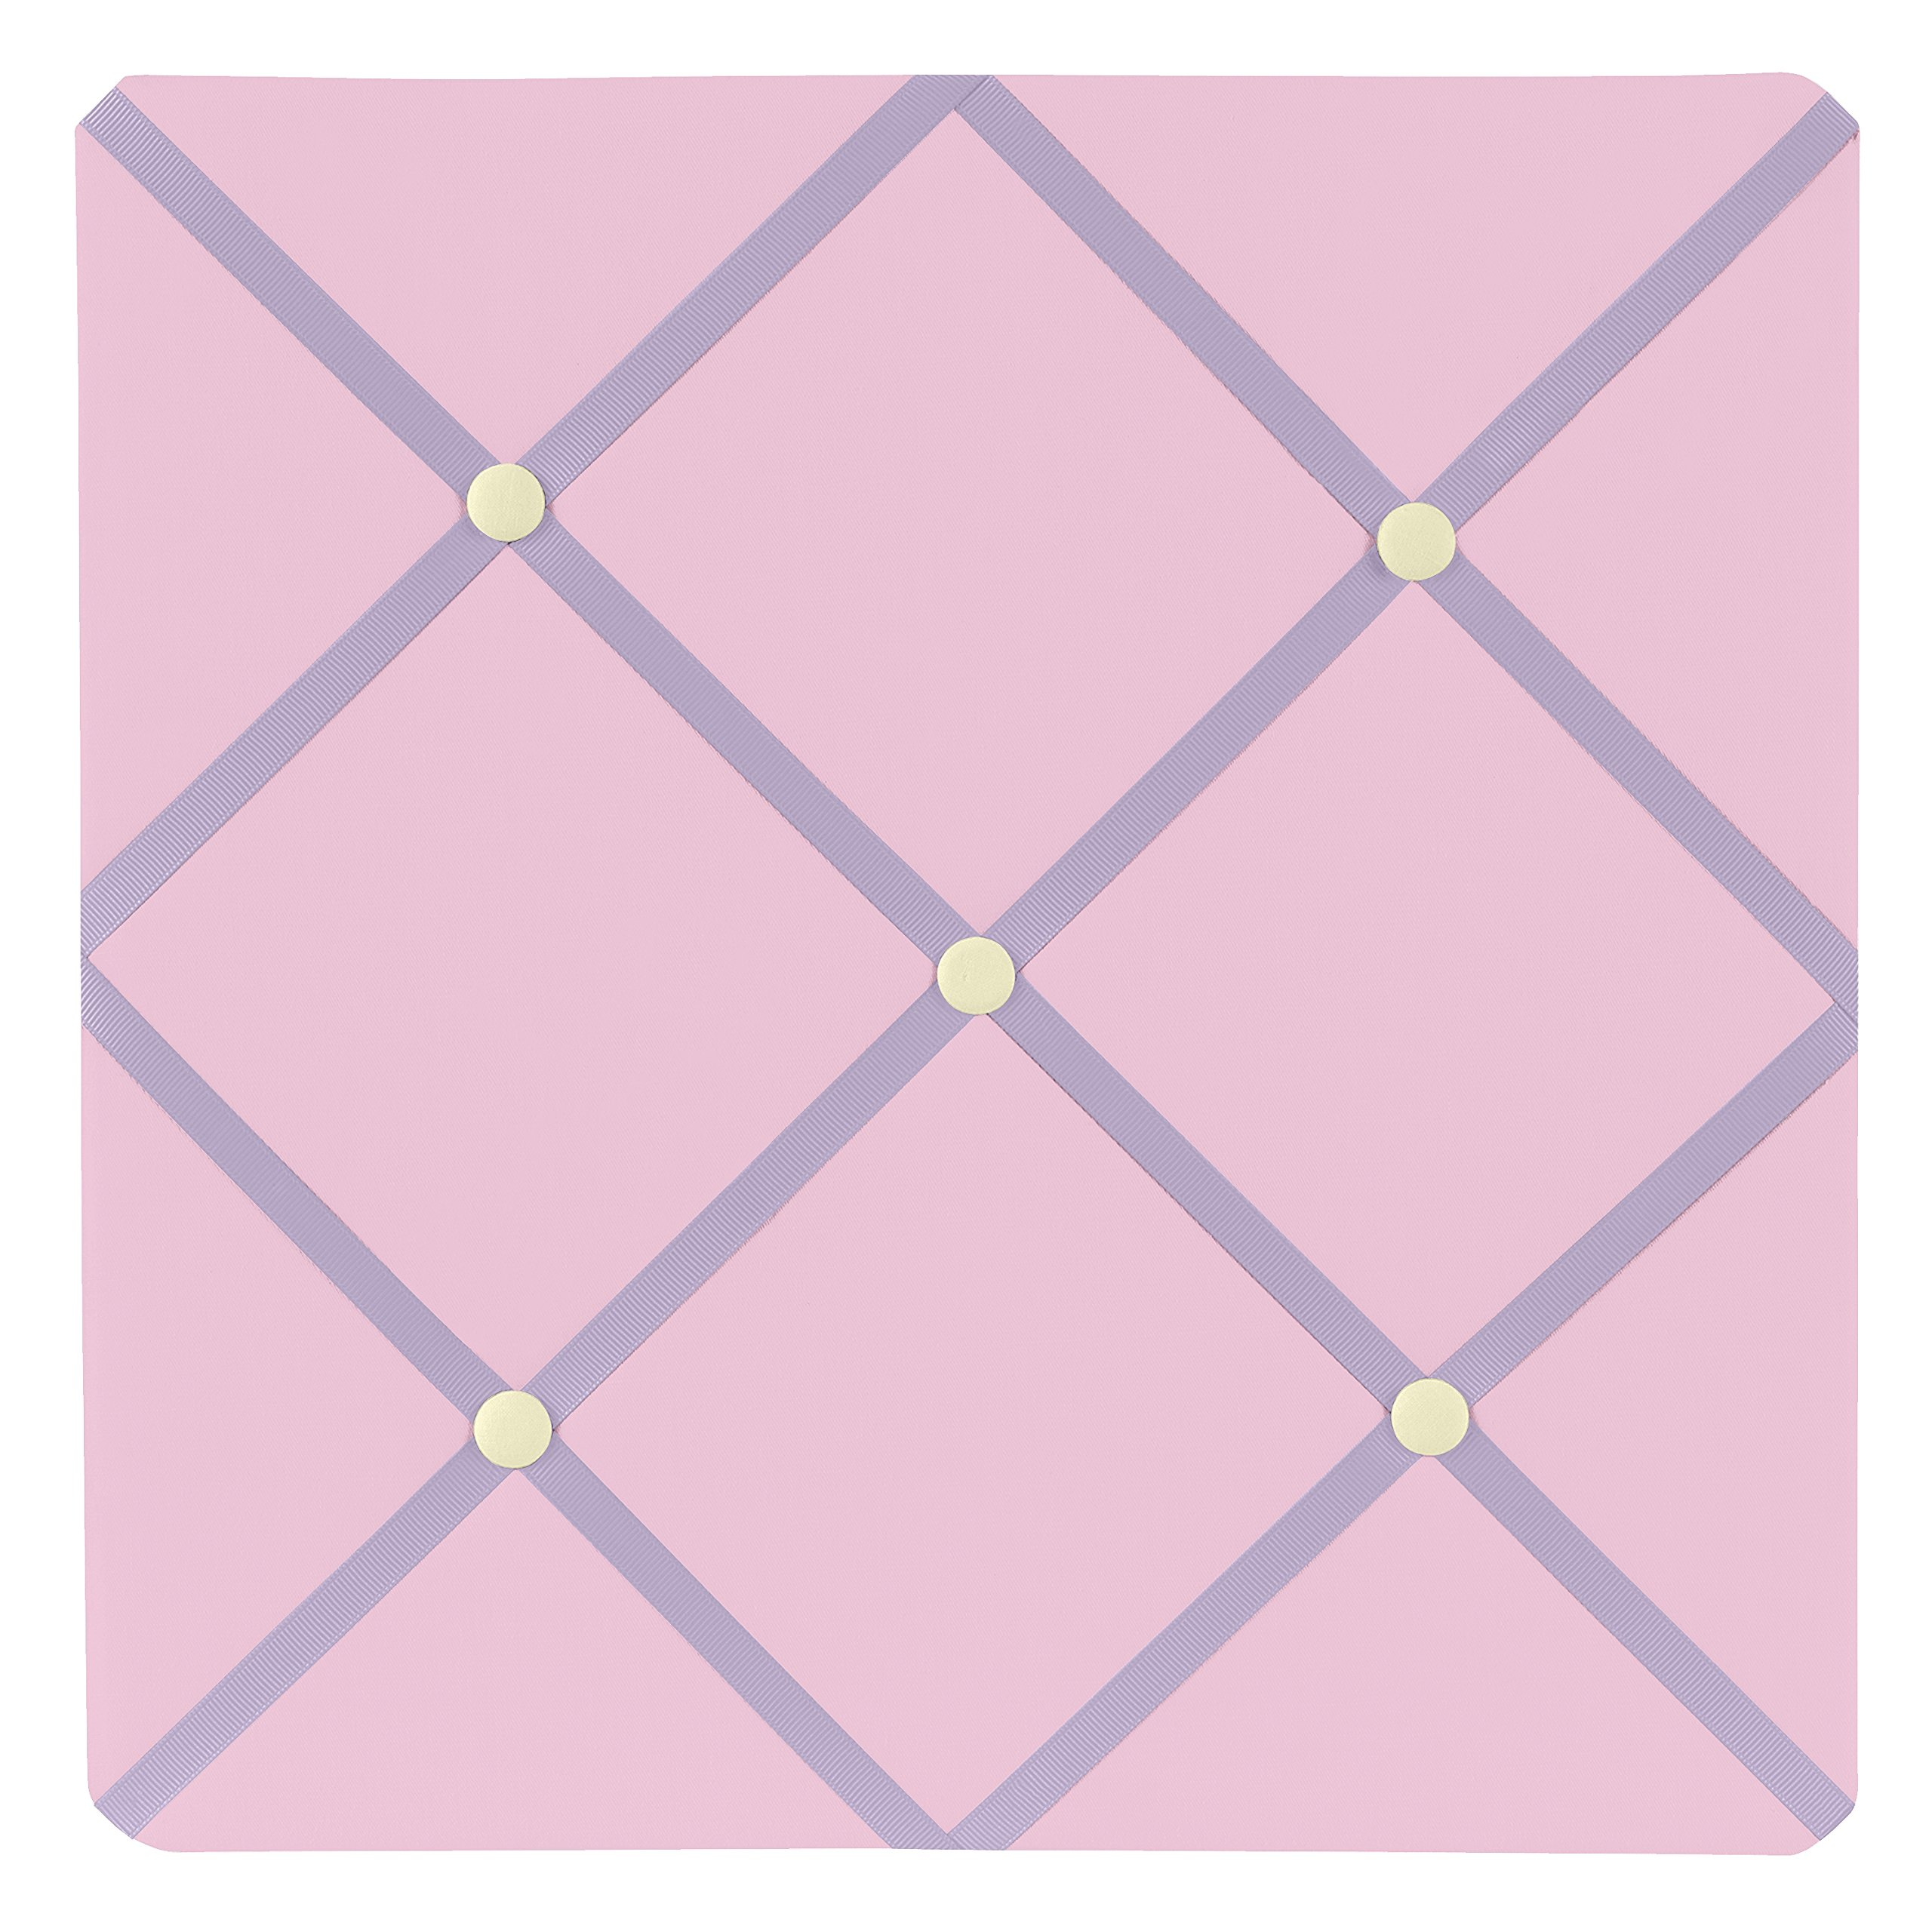 Pink and Purple Butterfly Fabric Memory/Memo Photo Bulletin Board by Sweet Jojo Designs by Sweet Jojo Designs